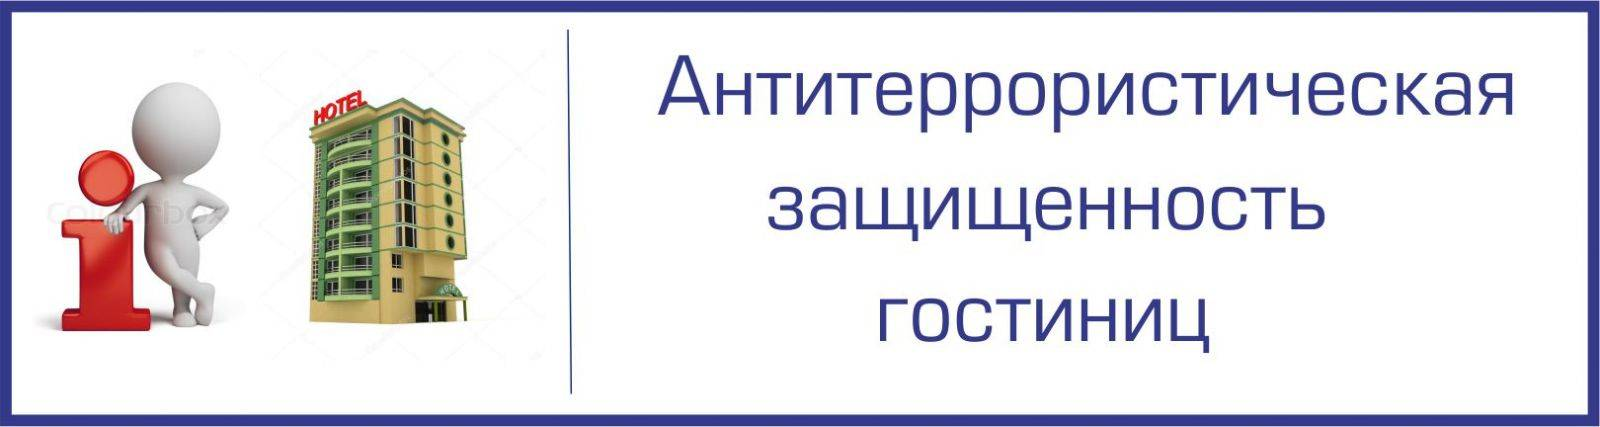 Актуальные правила въезда в турцию для россиян в 2021 году - требования и условия при пандемии коронавируса